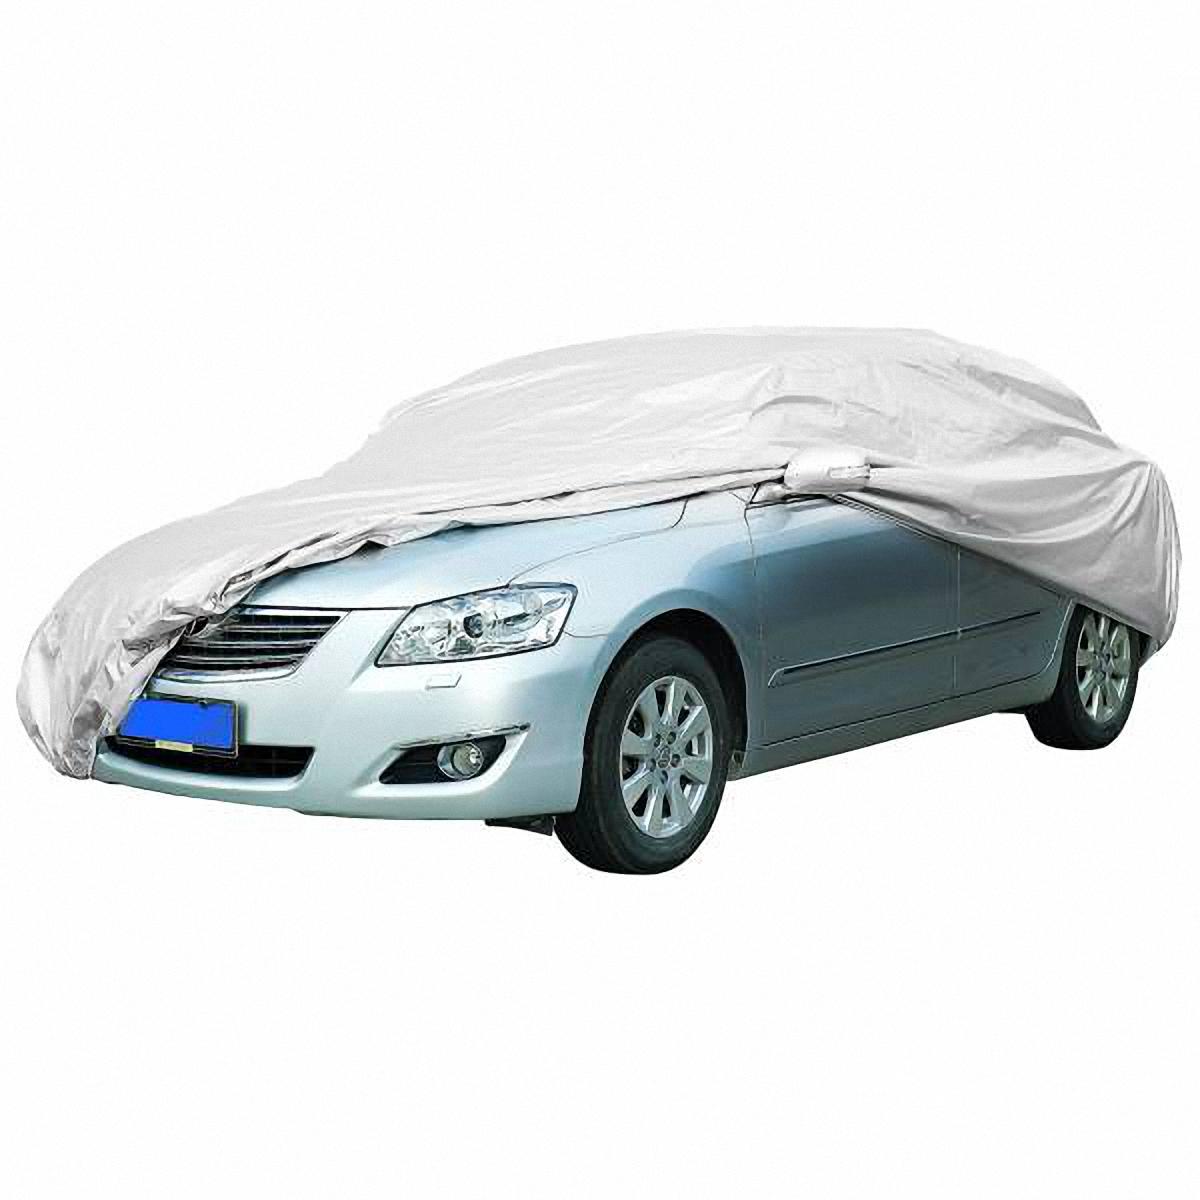 Чехол-тент автомобильный Skyway, 570 х 203 х 119 см. Размер 2XLDH2400D/ORТент автомобильный позволит защитить кузов вашего транспортного средства от коррозии и загрязнений во время хранения или транспортировки, а вас избавит от необходимости частого мытья вашего автомобиля. Чехол-тент предохраняет лакокрасочное покрытие кузова, стекла и фары вашего автомобиля от воздействия прямых солнечных лучей и неблагоприятных погодных условий, загрязнений. Легко и быстро надевается на автомобиль, не царапая и не повреждая его.Изготовлен из высококачественного полиэстера. В передней и задней части тента вшиты резинки, стягивающие его нижний край под передним и задним бамперами. Обладает высокой влаго- и износостойкостью. Обладает светоотражающими и пылезащитными свойствами. Выдерживает как низкие, так и высокие температуры. Воздухопроницаемый материал. Состав: полиэстер. Размер: 530 х 203 х 119 см.